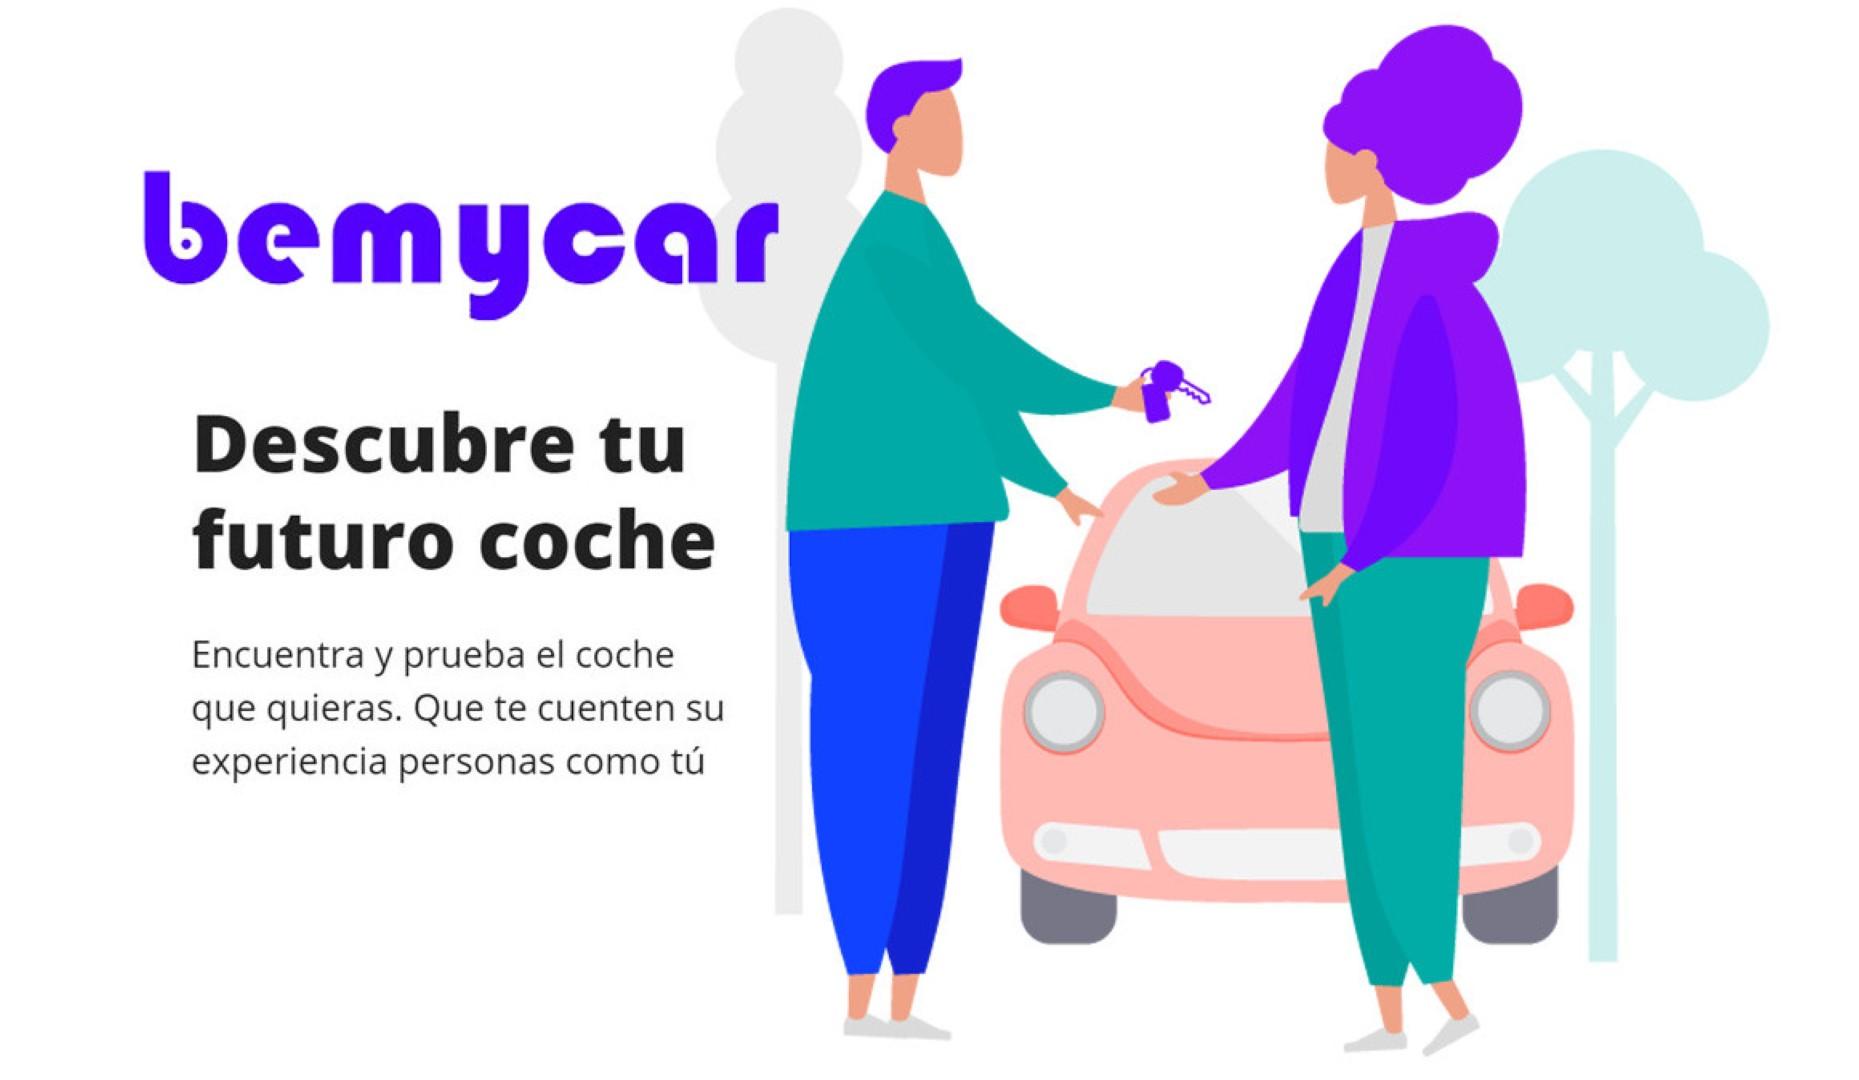 Bemycar: gana dinero por enseñar tu coche